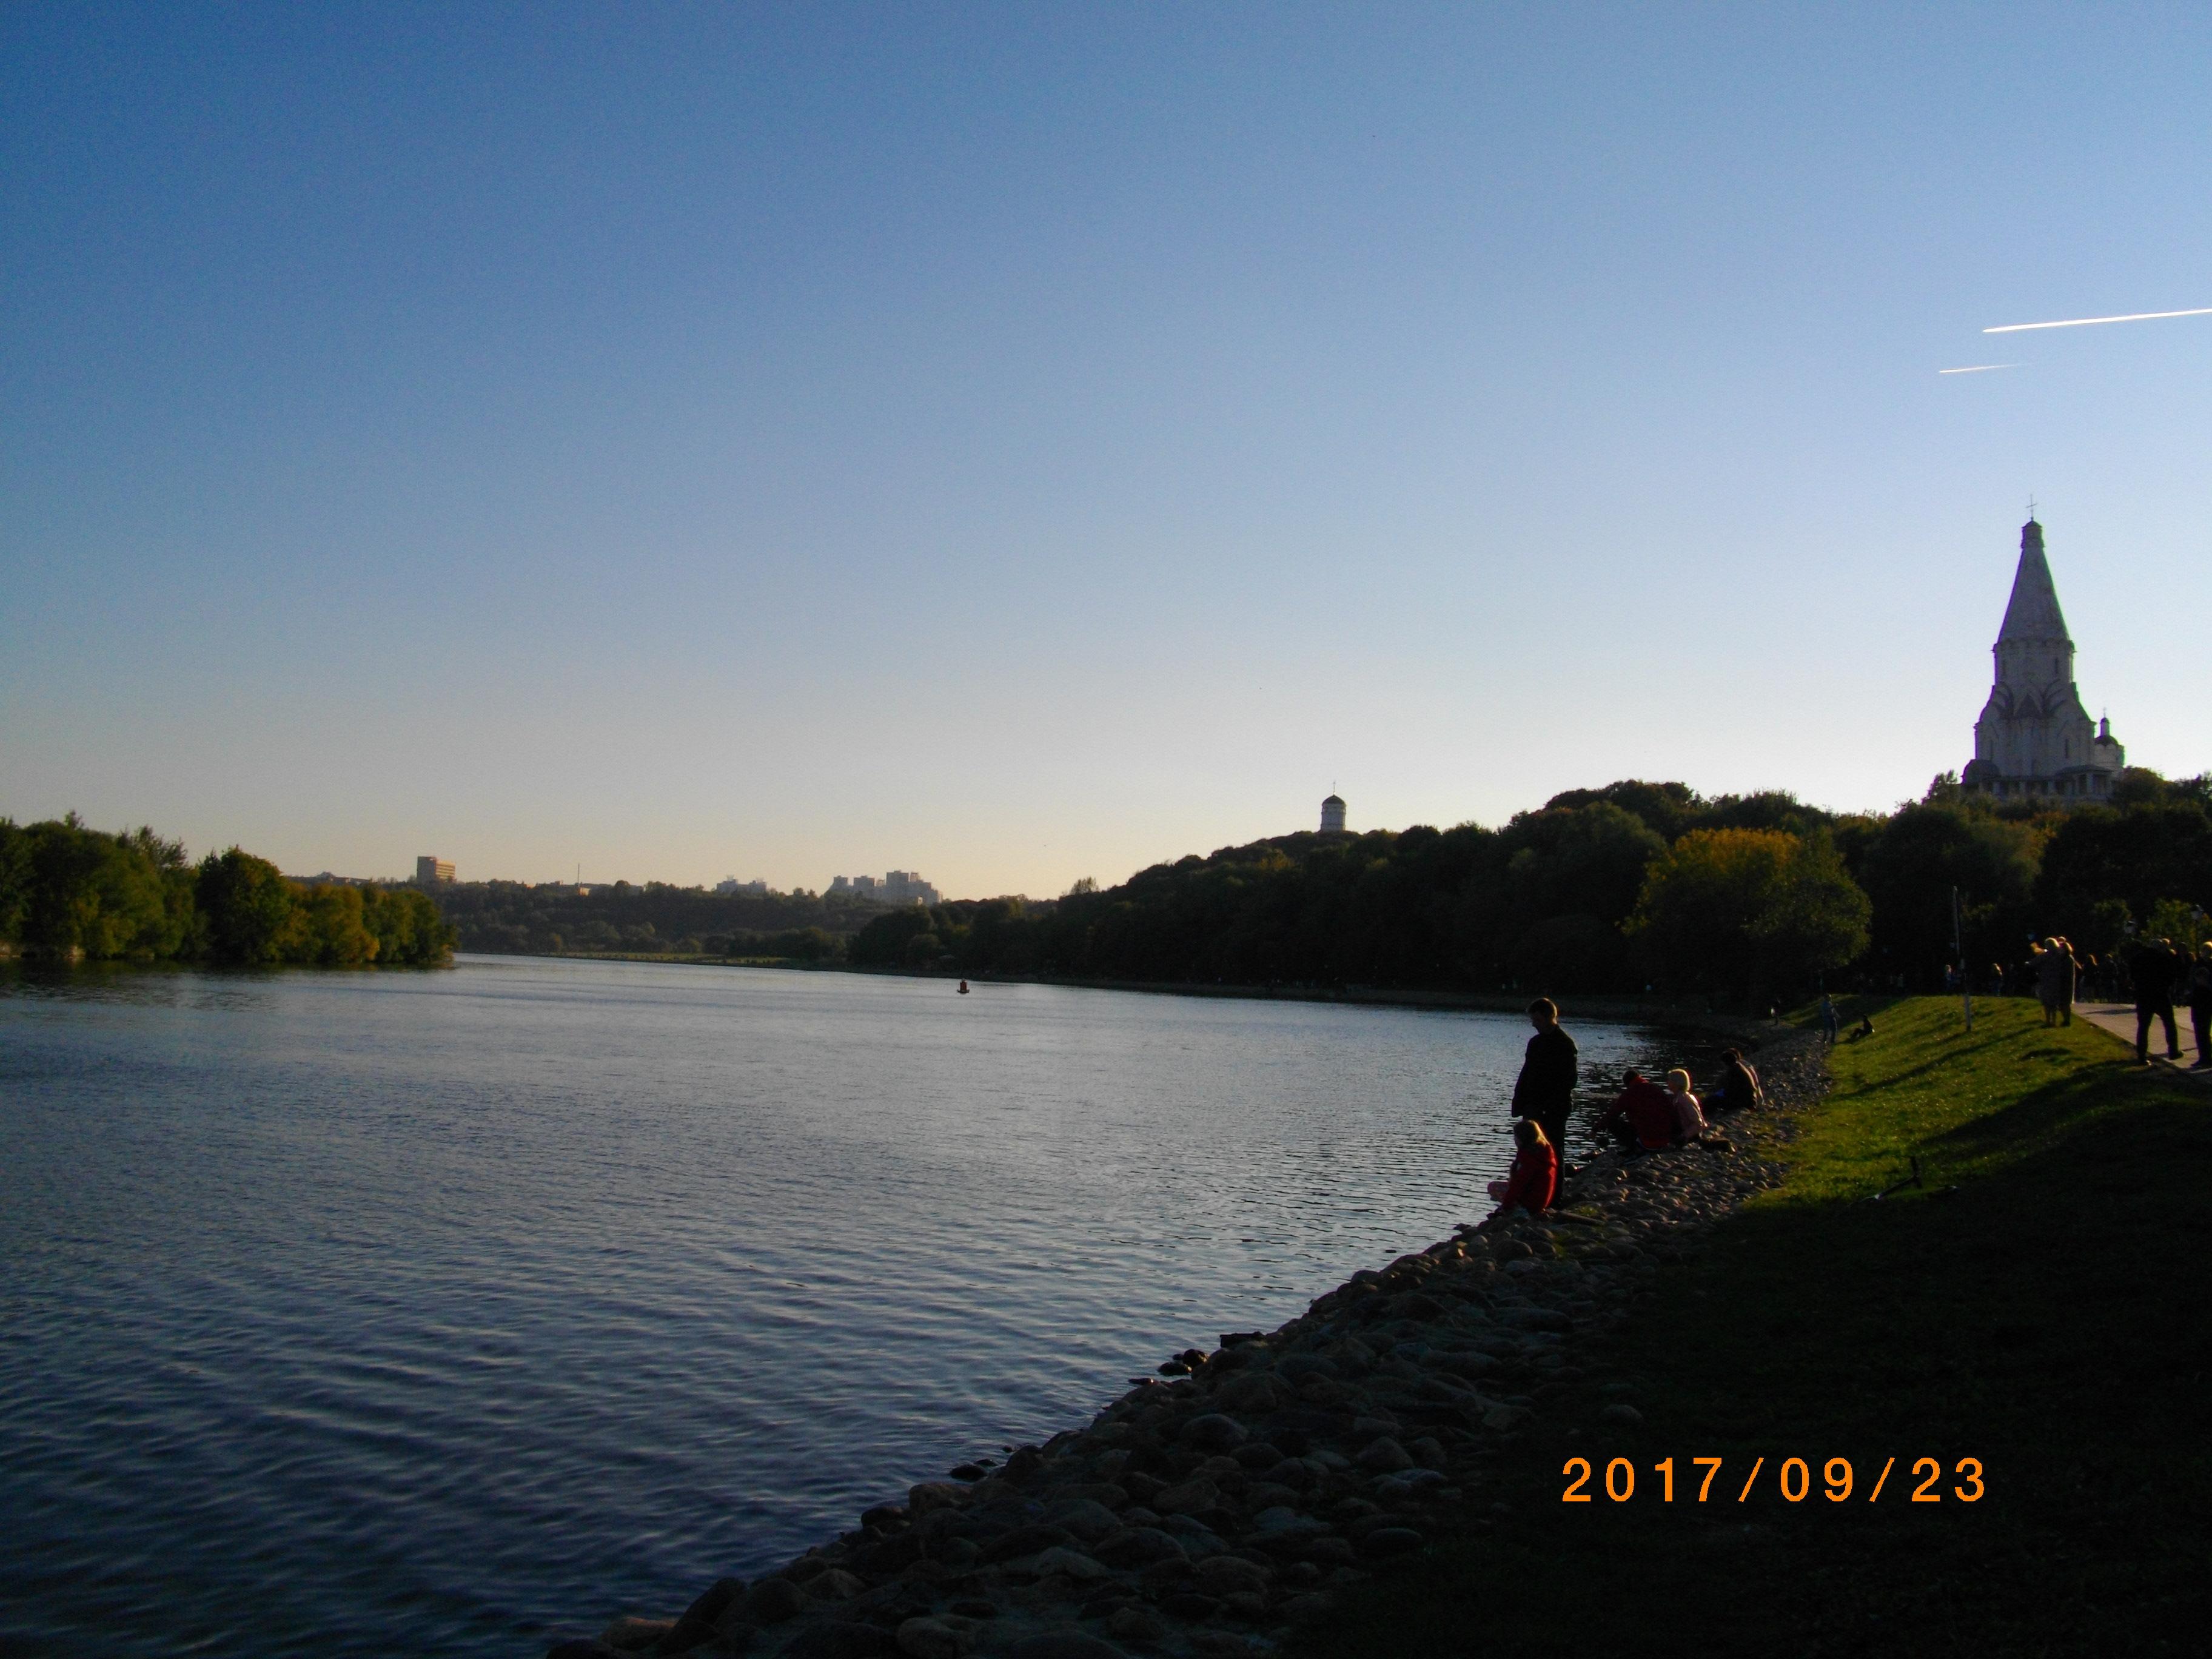 はちみつ市場があった公園から眺めたモスクワ川